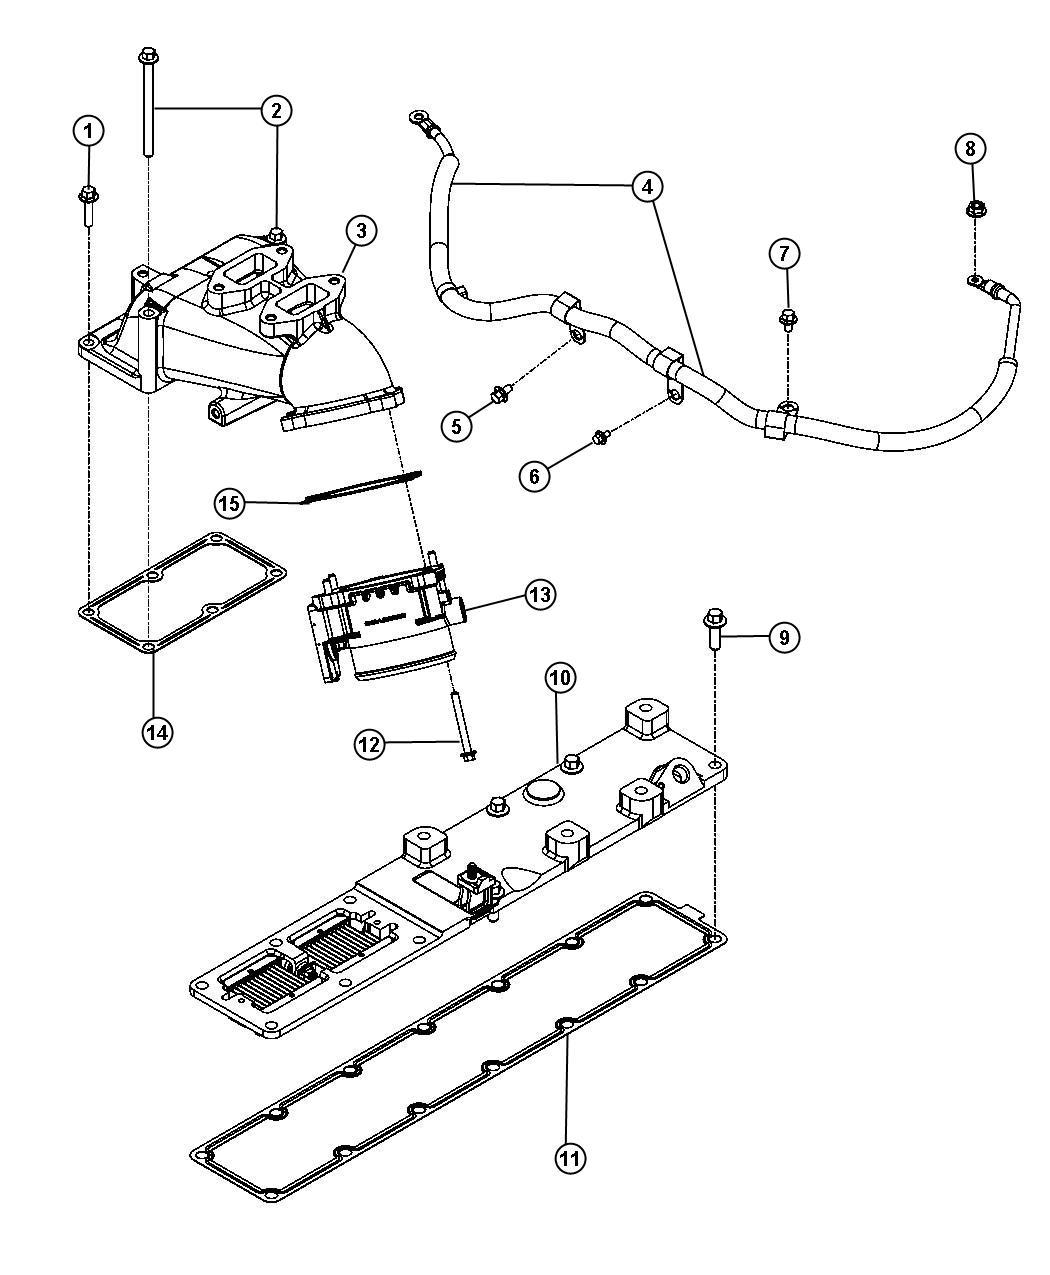 Dt466 Intake Heater Wiring